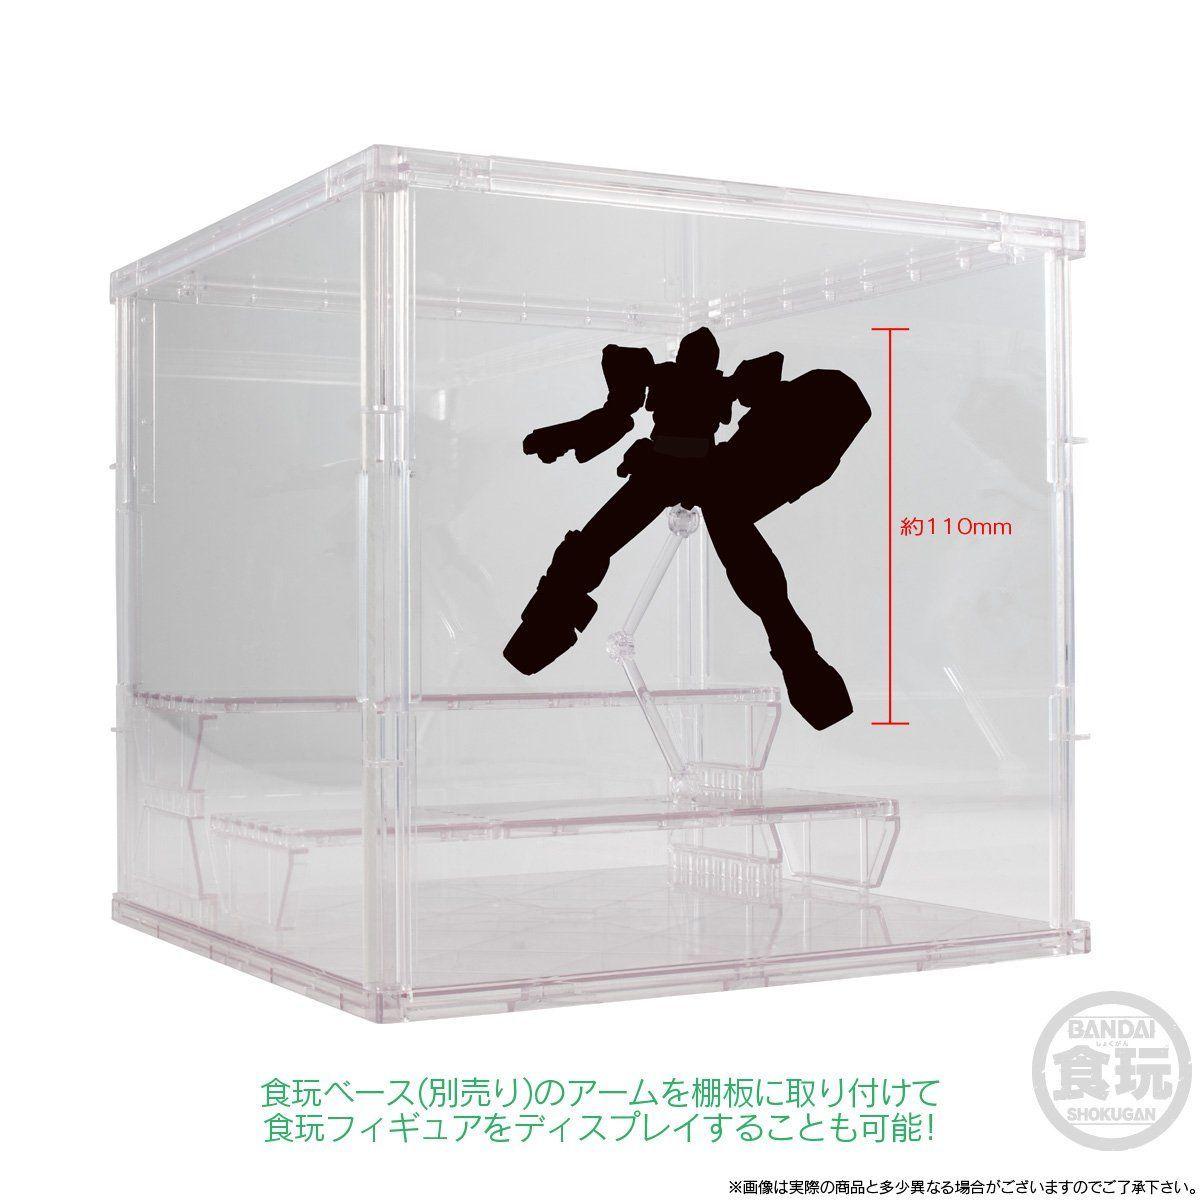 SHOKUGAN CASE W/O GUM